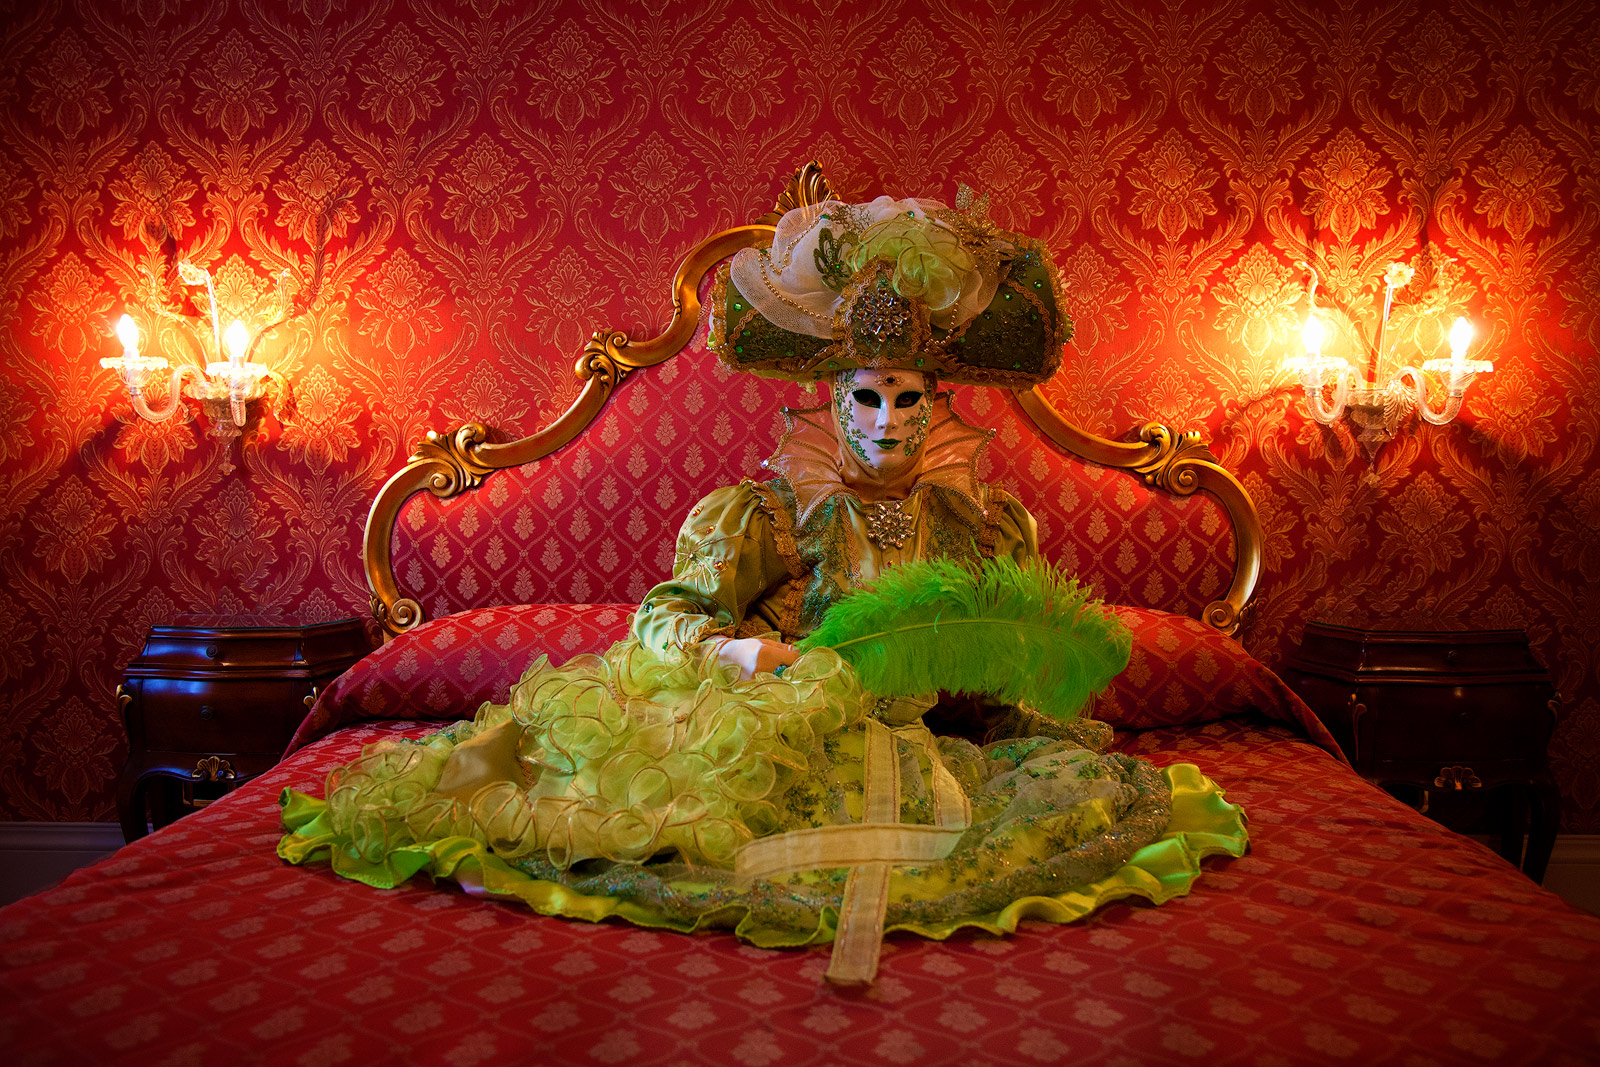 Venice Carnival model in a bed in her hotel room